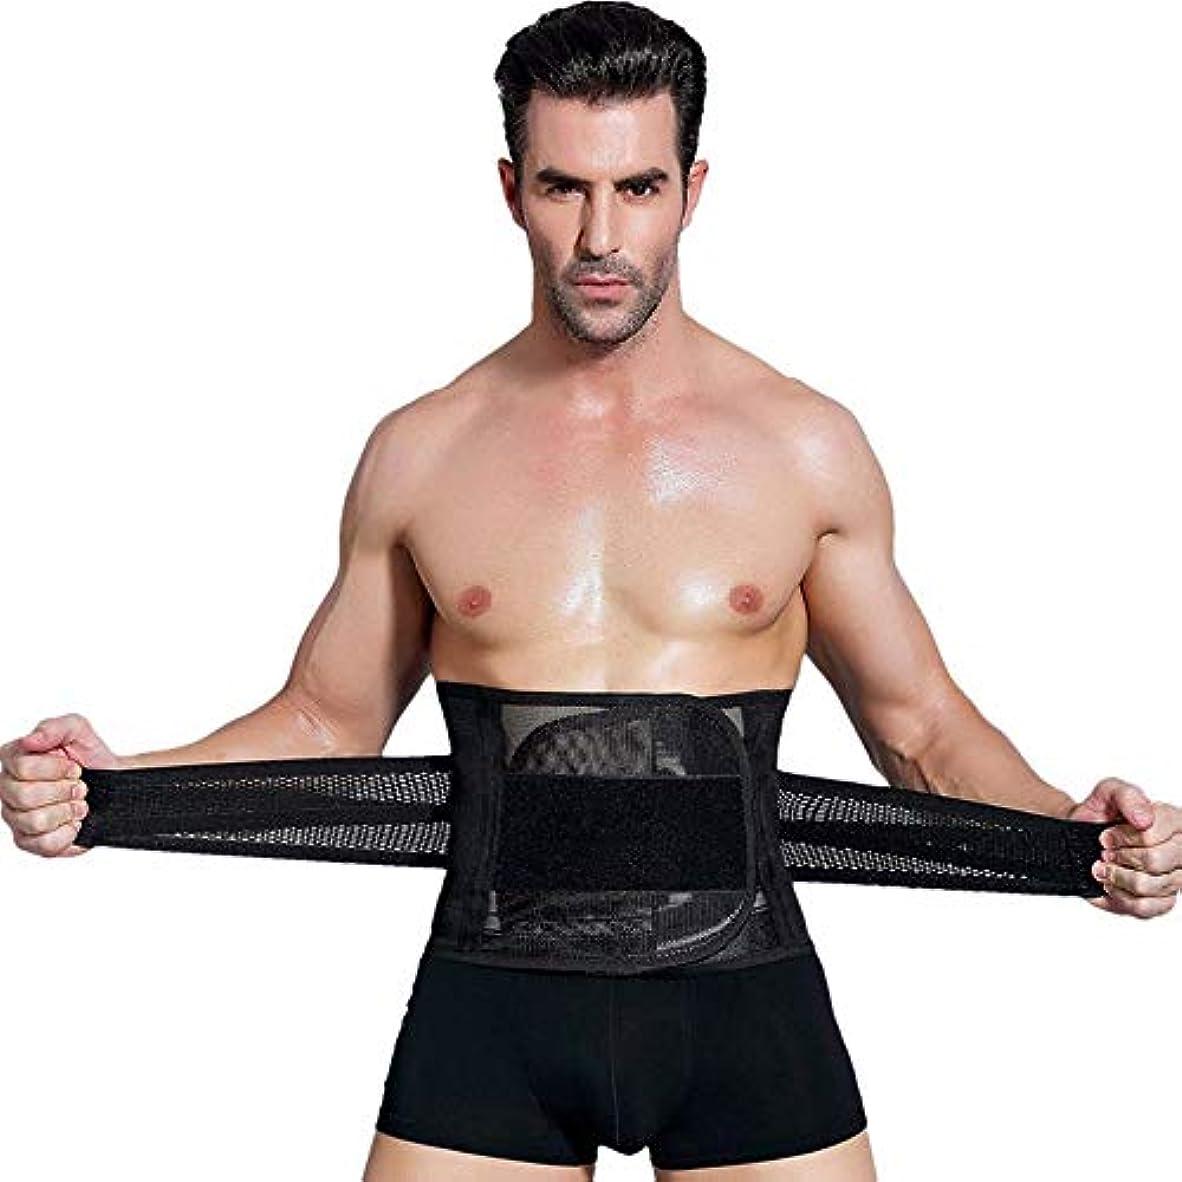 支援するとげのあるヒット男性ボディシェイパーコルセット腹部おなかコントロールウエストトレーナーニッパー脂肪燃焼ガードル痩身腹ベルト用男性 - ブラックXXL